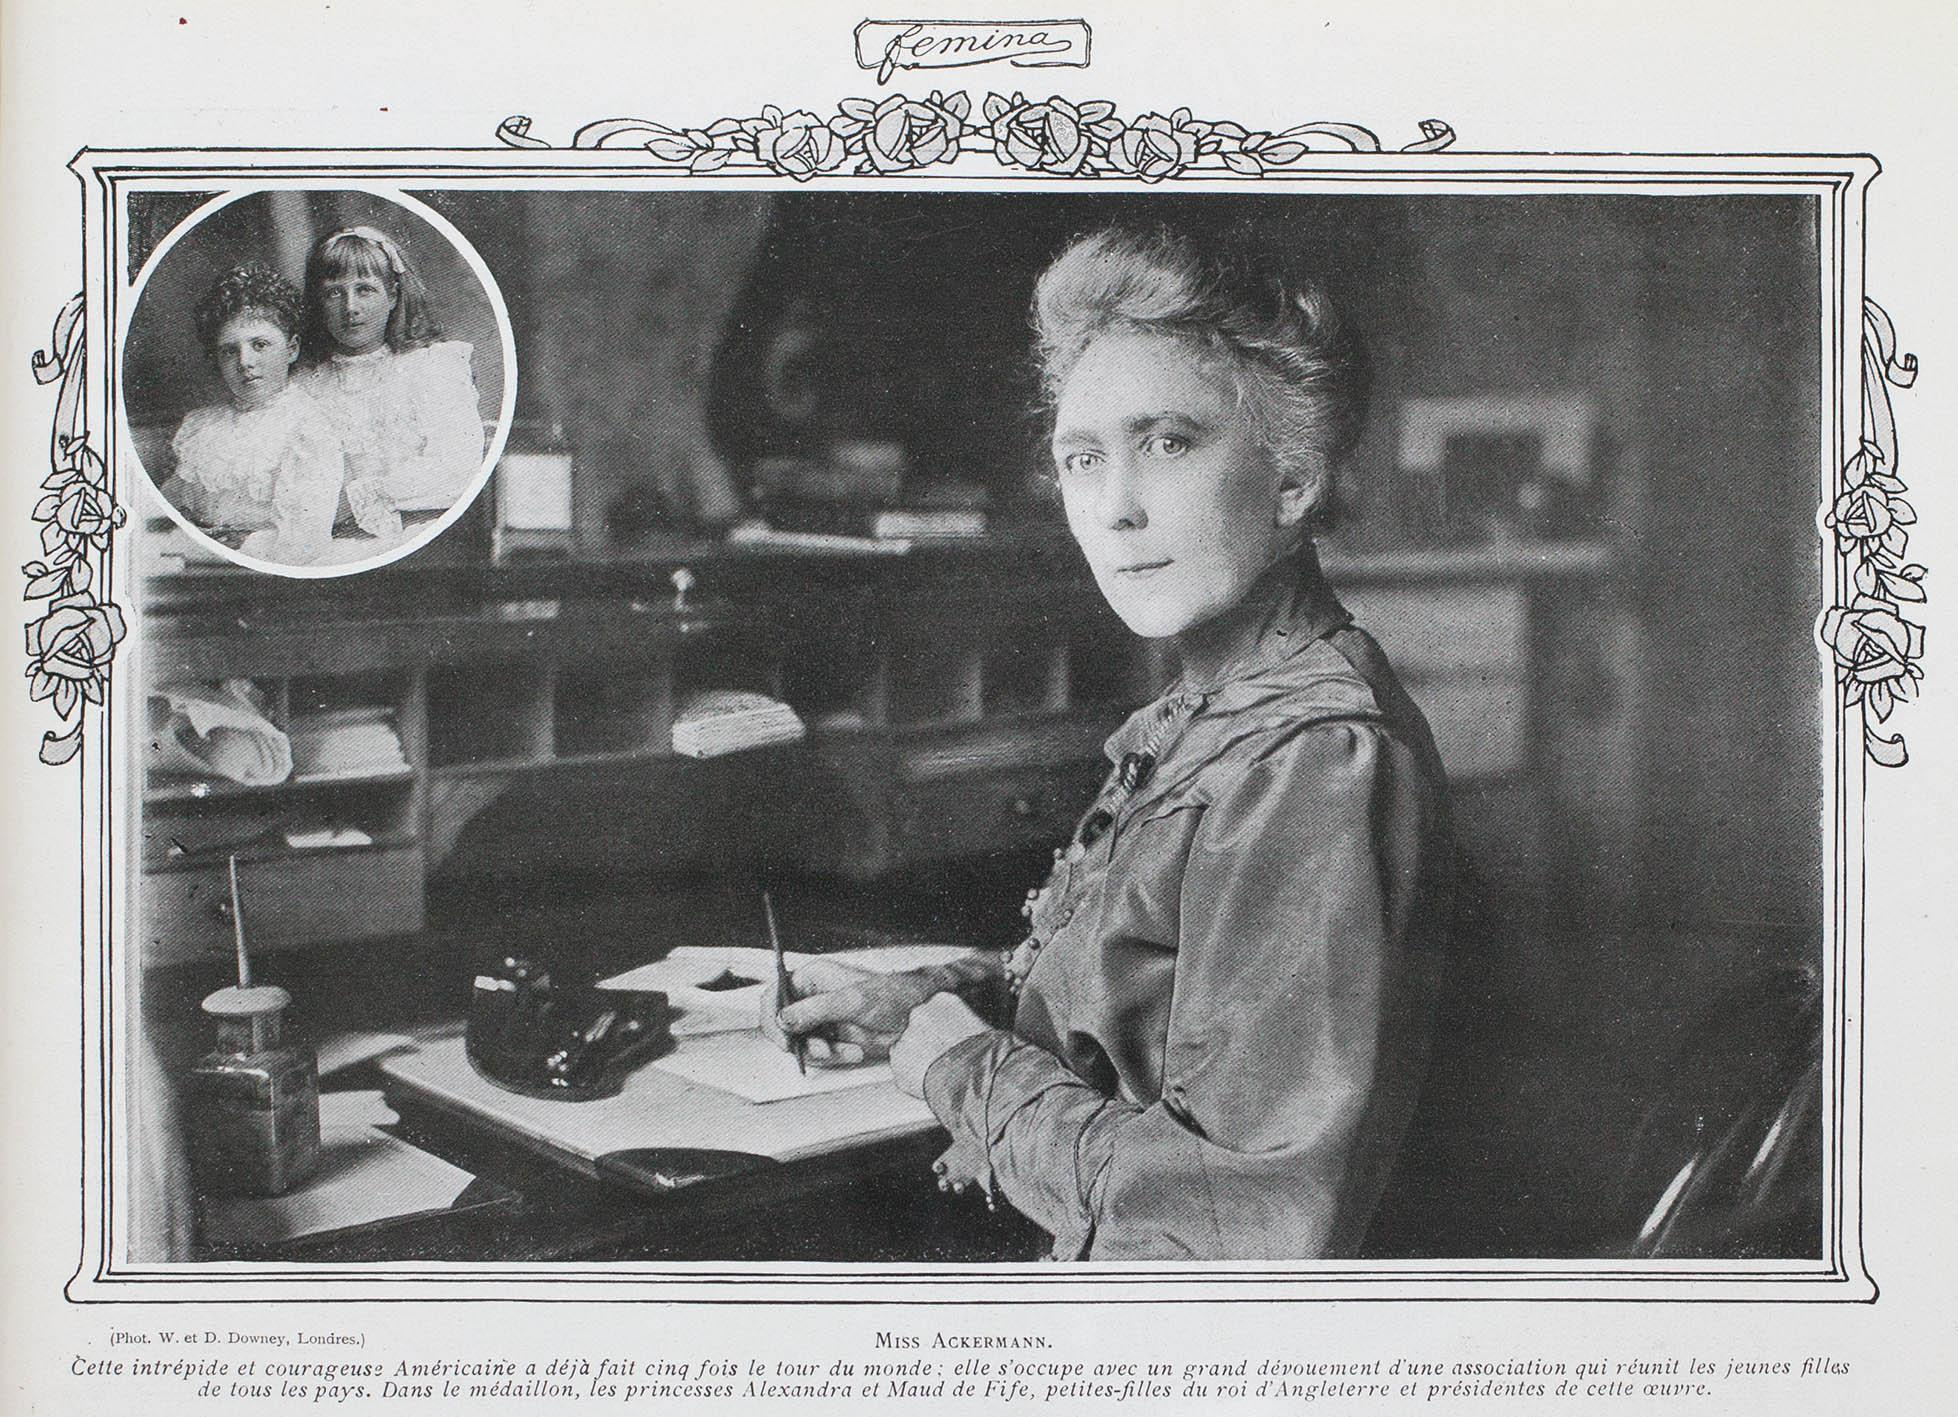 Ackermann at her desk.